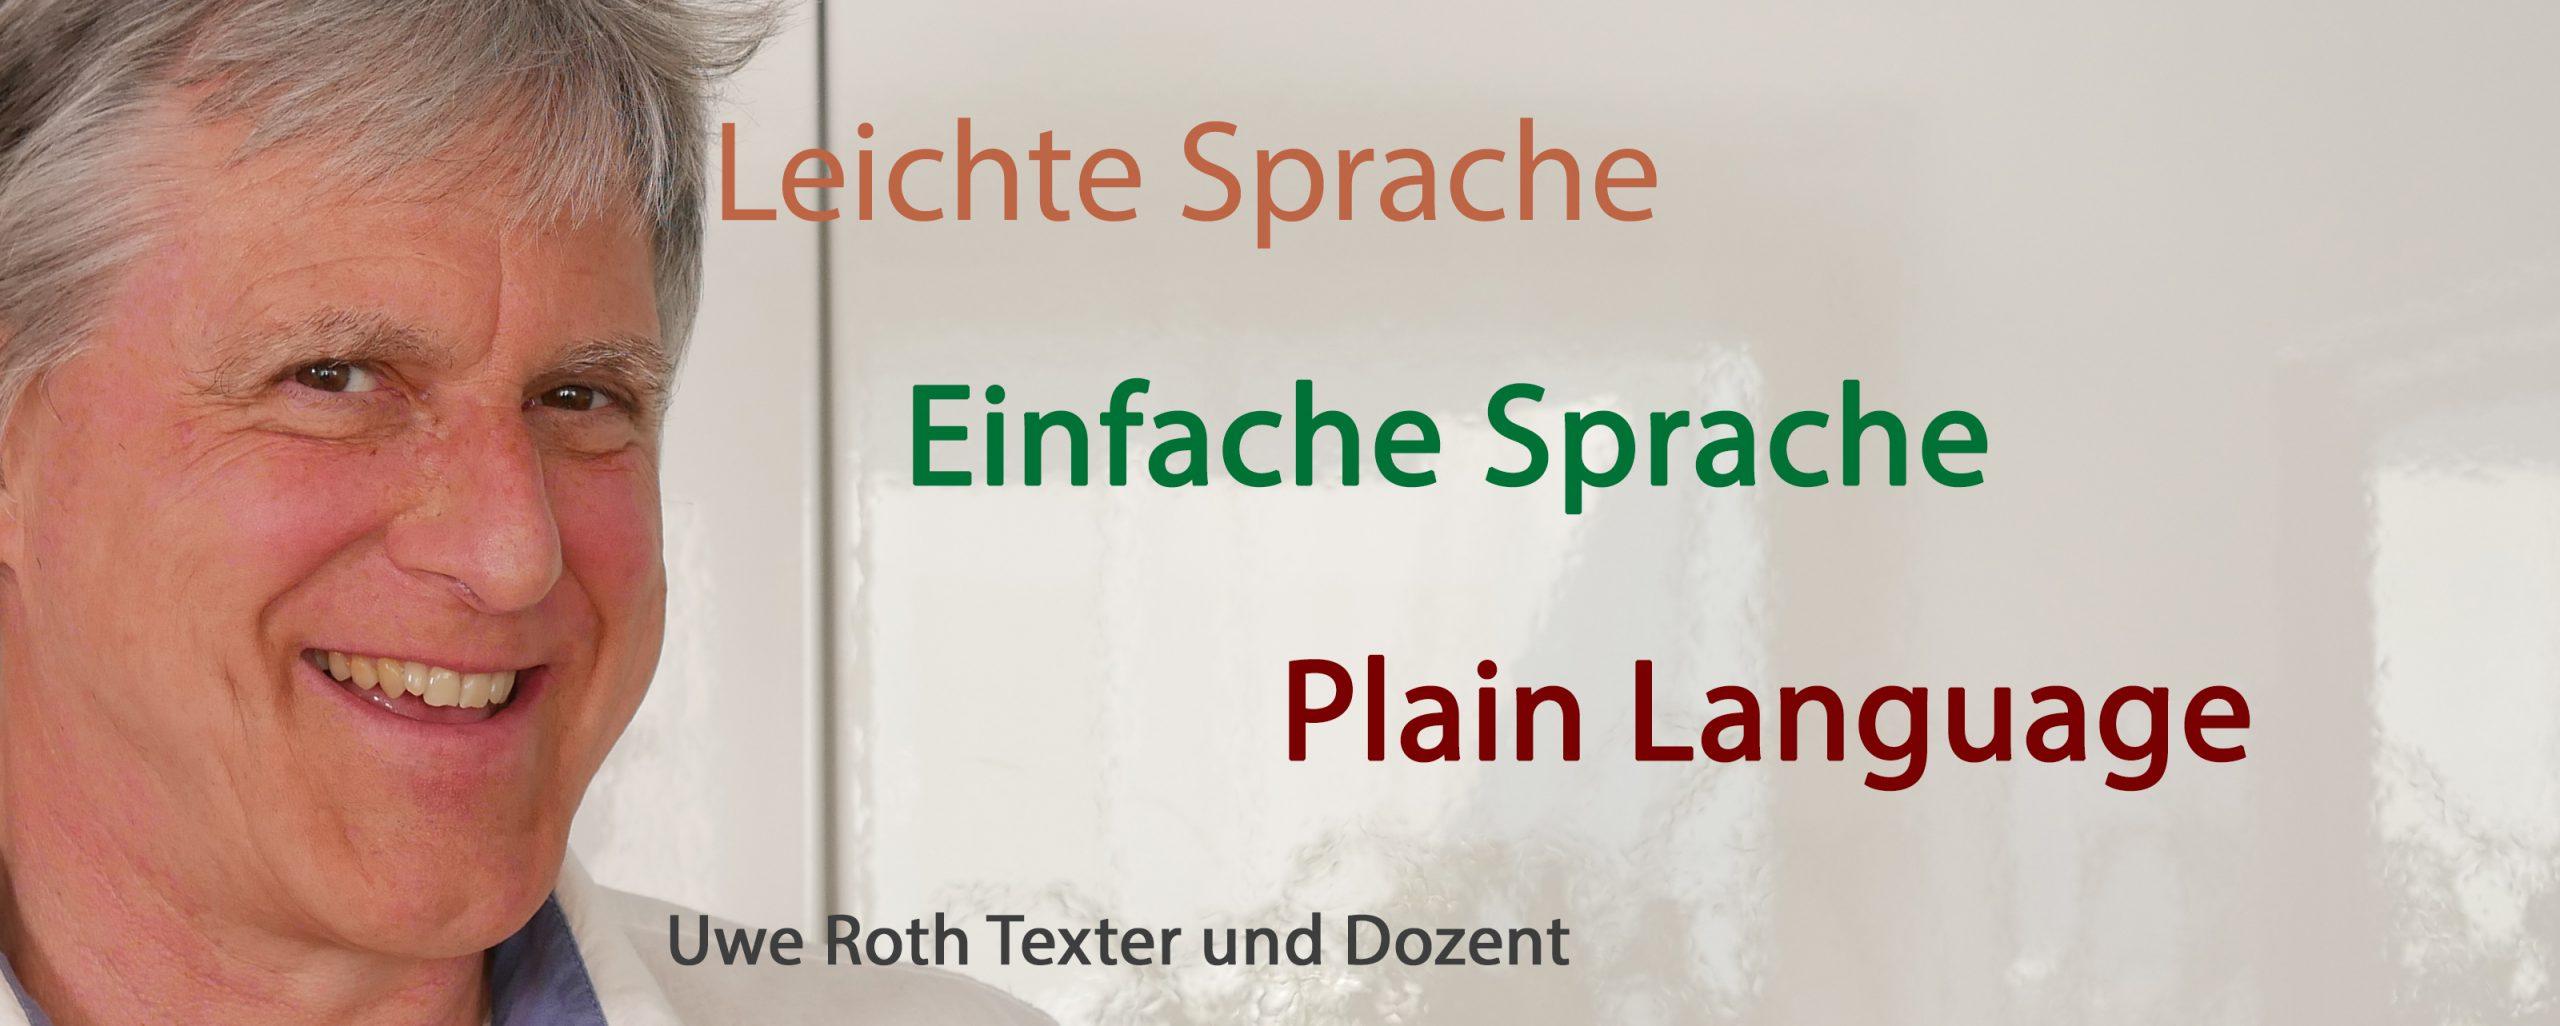 Uwe Roth ist Experte für Leichte und Einfache Sprache sowie Plain Language.